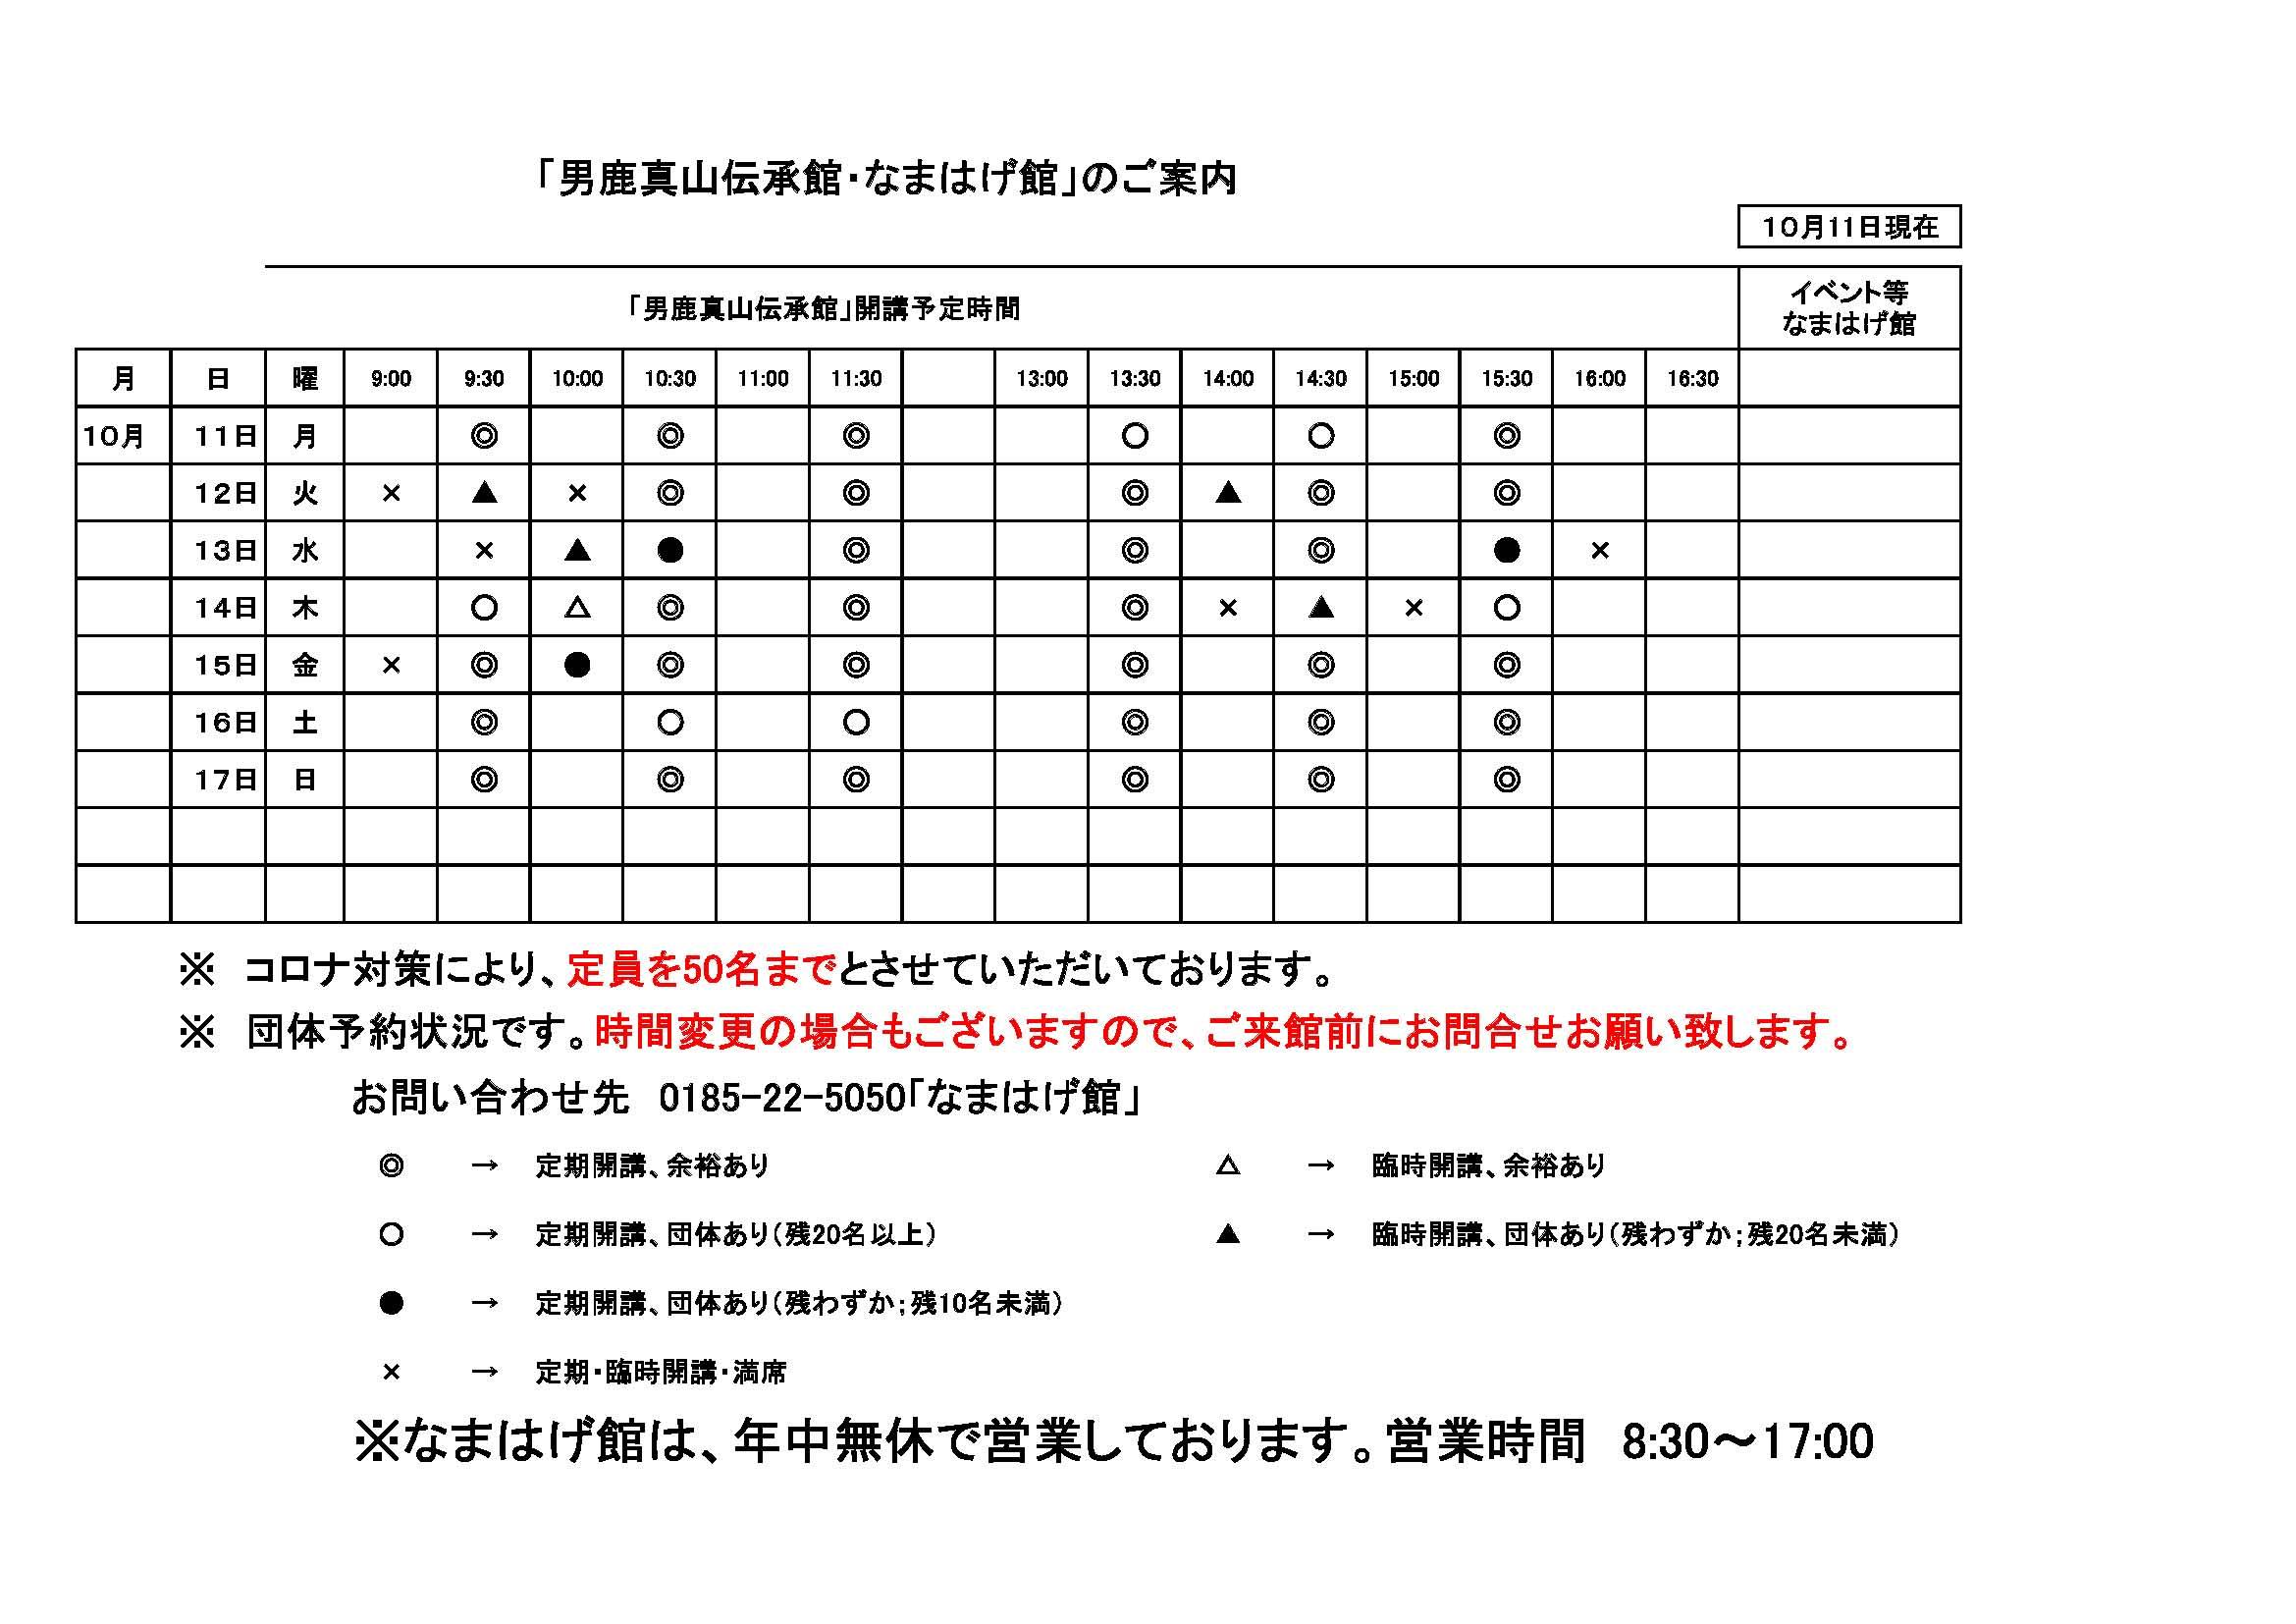 コピー伝承館お知らせ(コロナ)_ページ_1.jpg